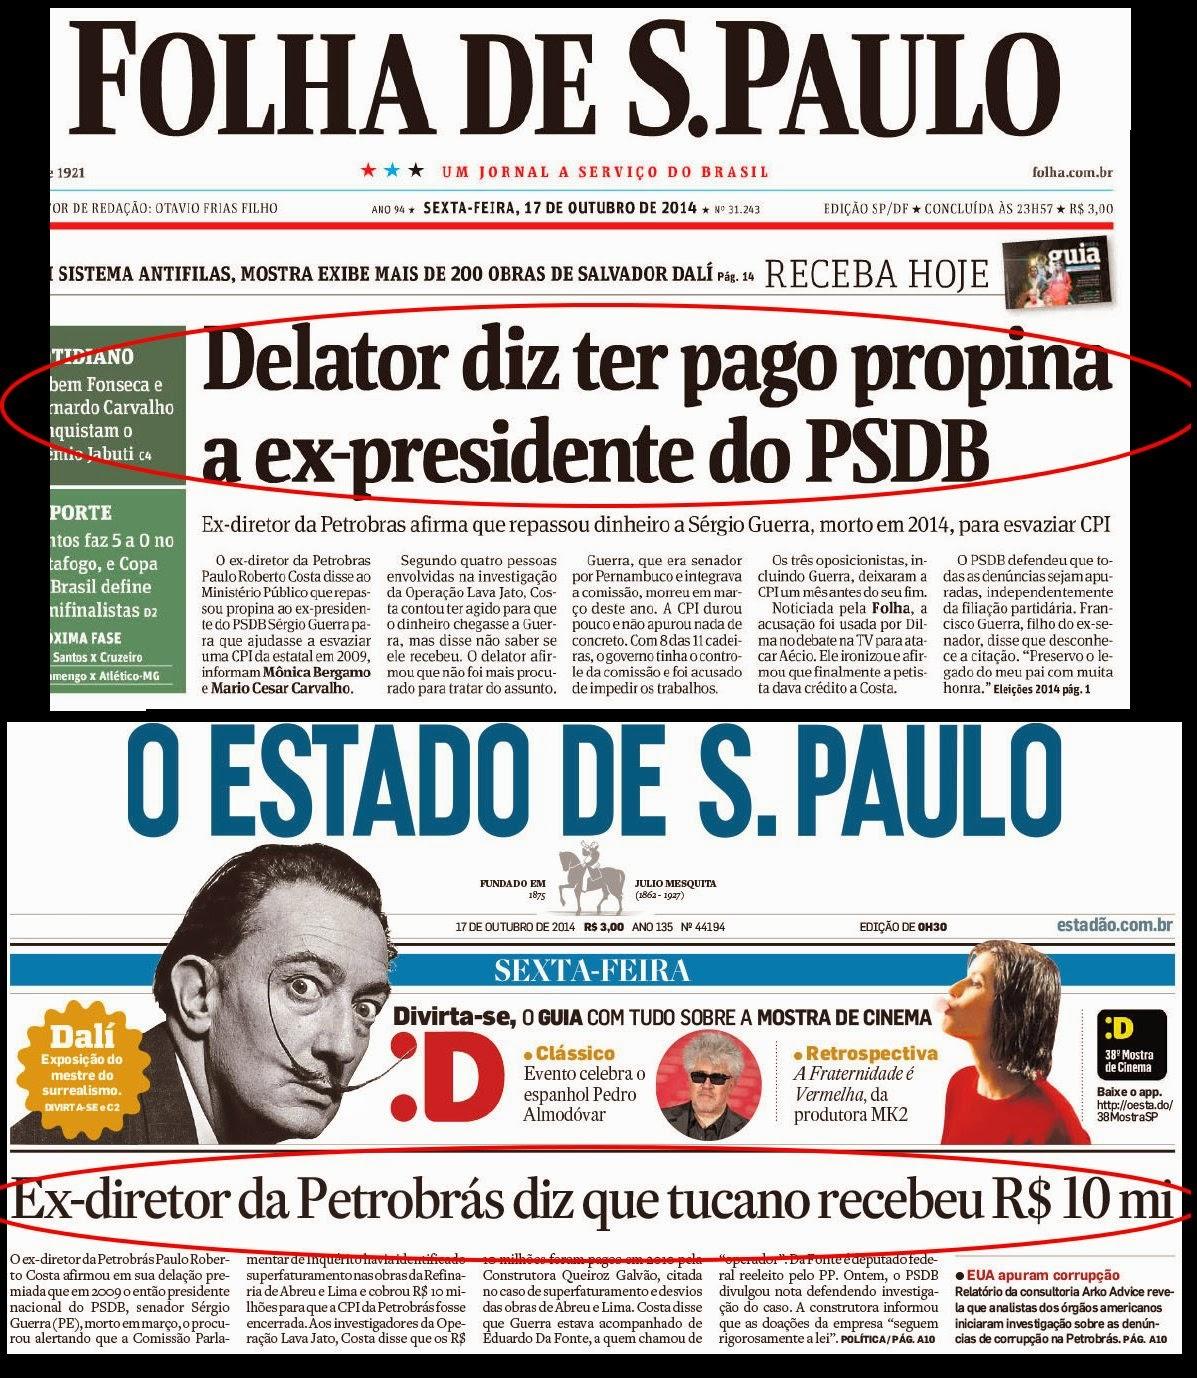 Ex-presidente do PSDB usou CPI para extorquir propina, diz delator. Hoje Aécio é presidente do PSDB